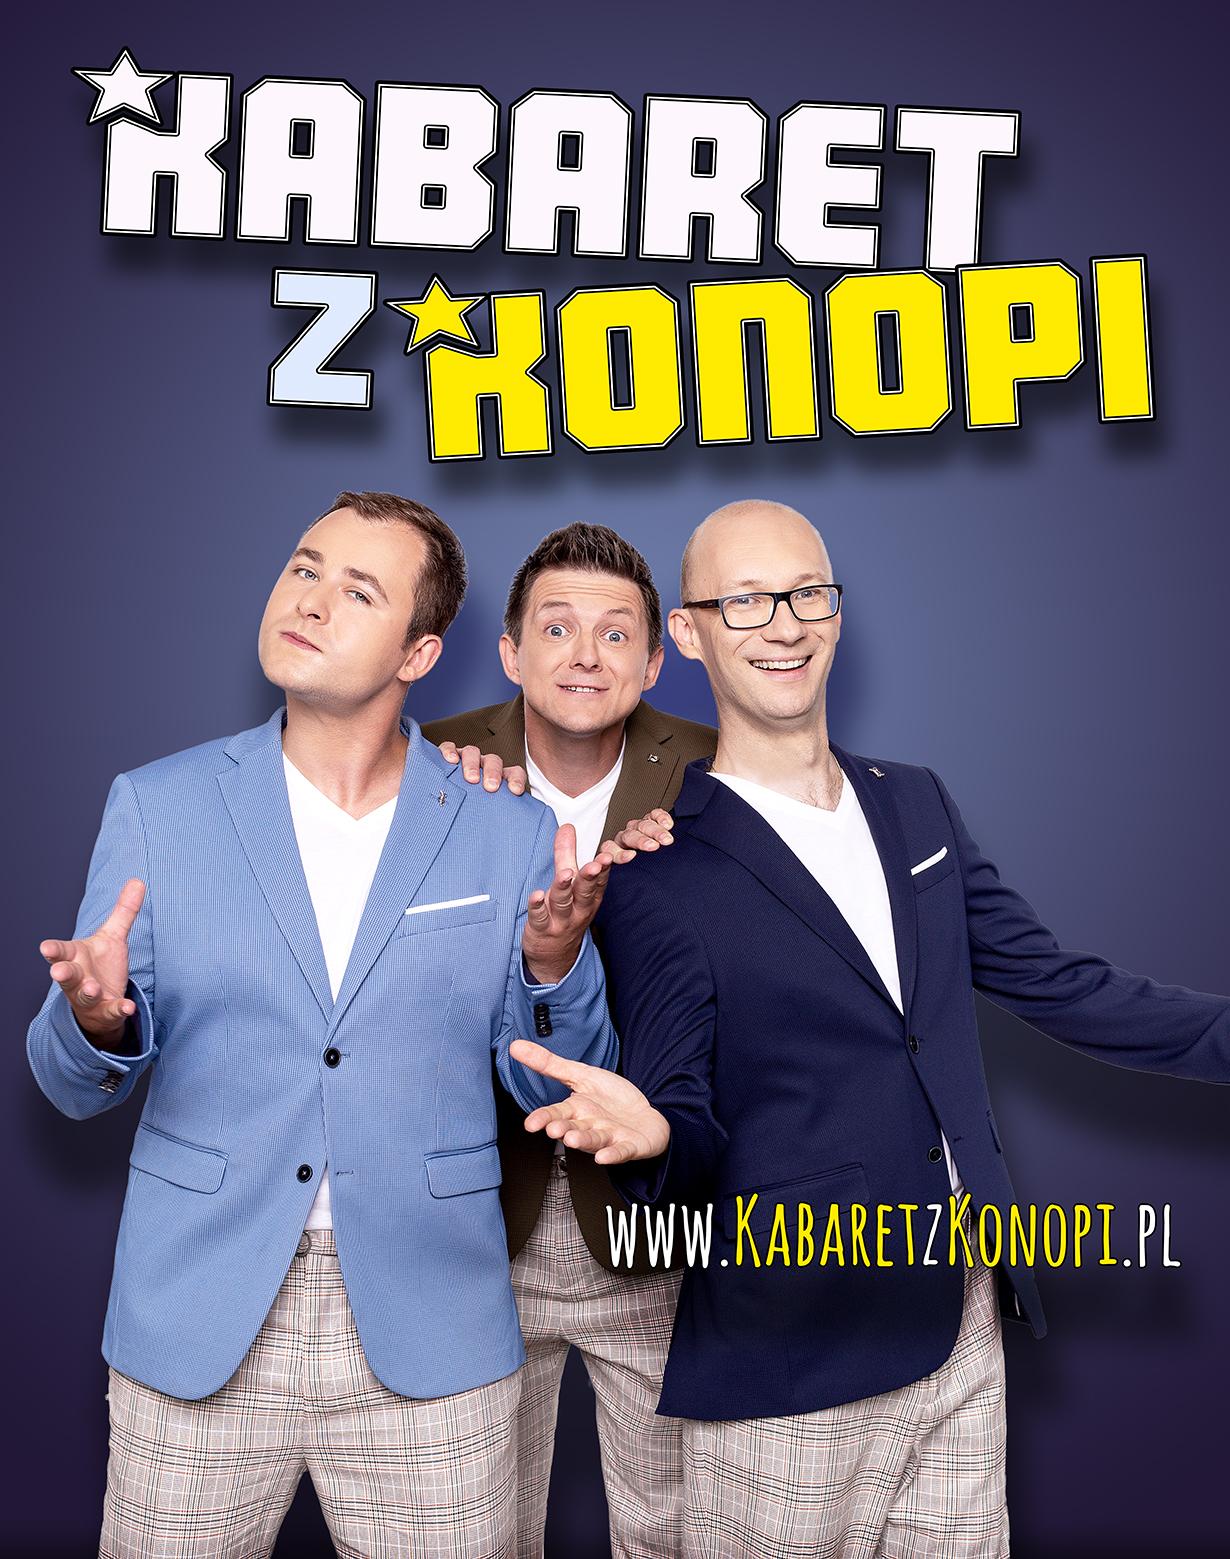 Członkowie Kabaretu z Konopi